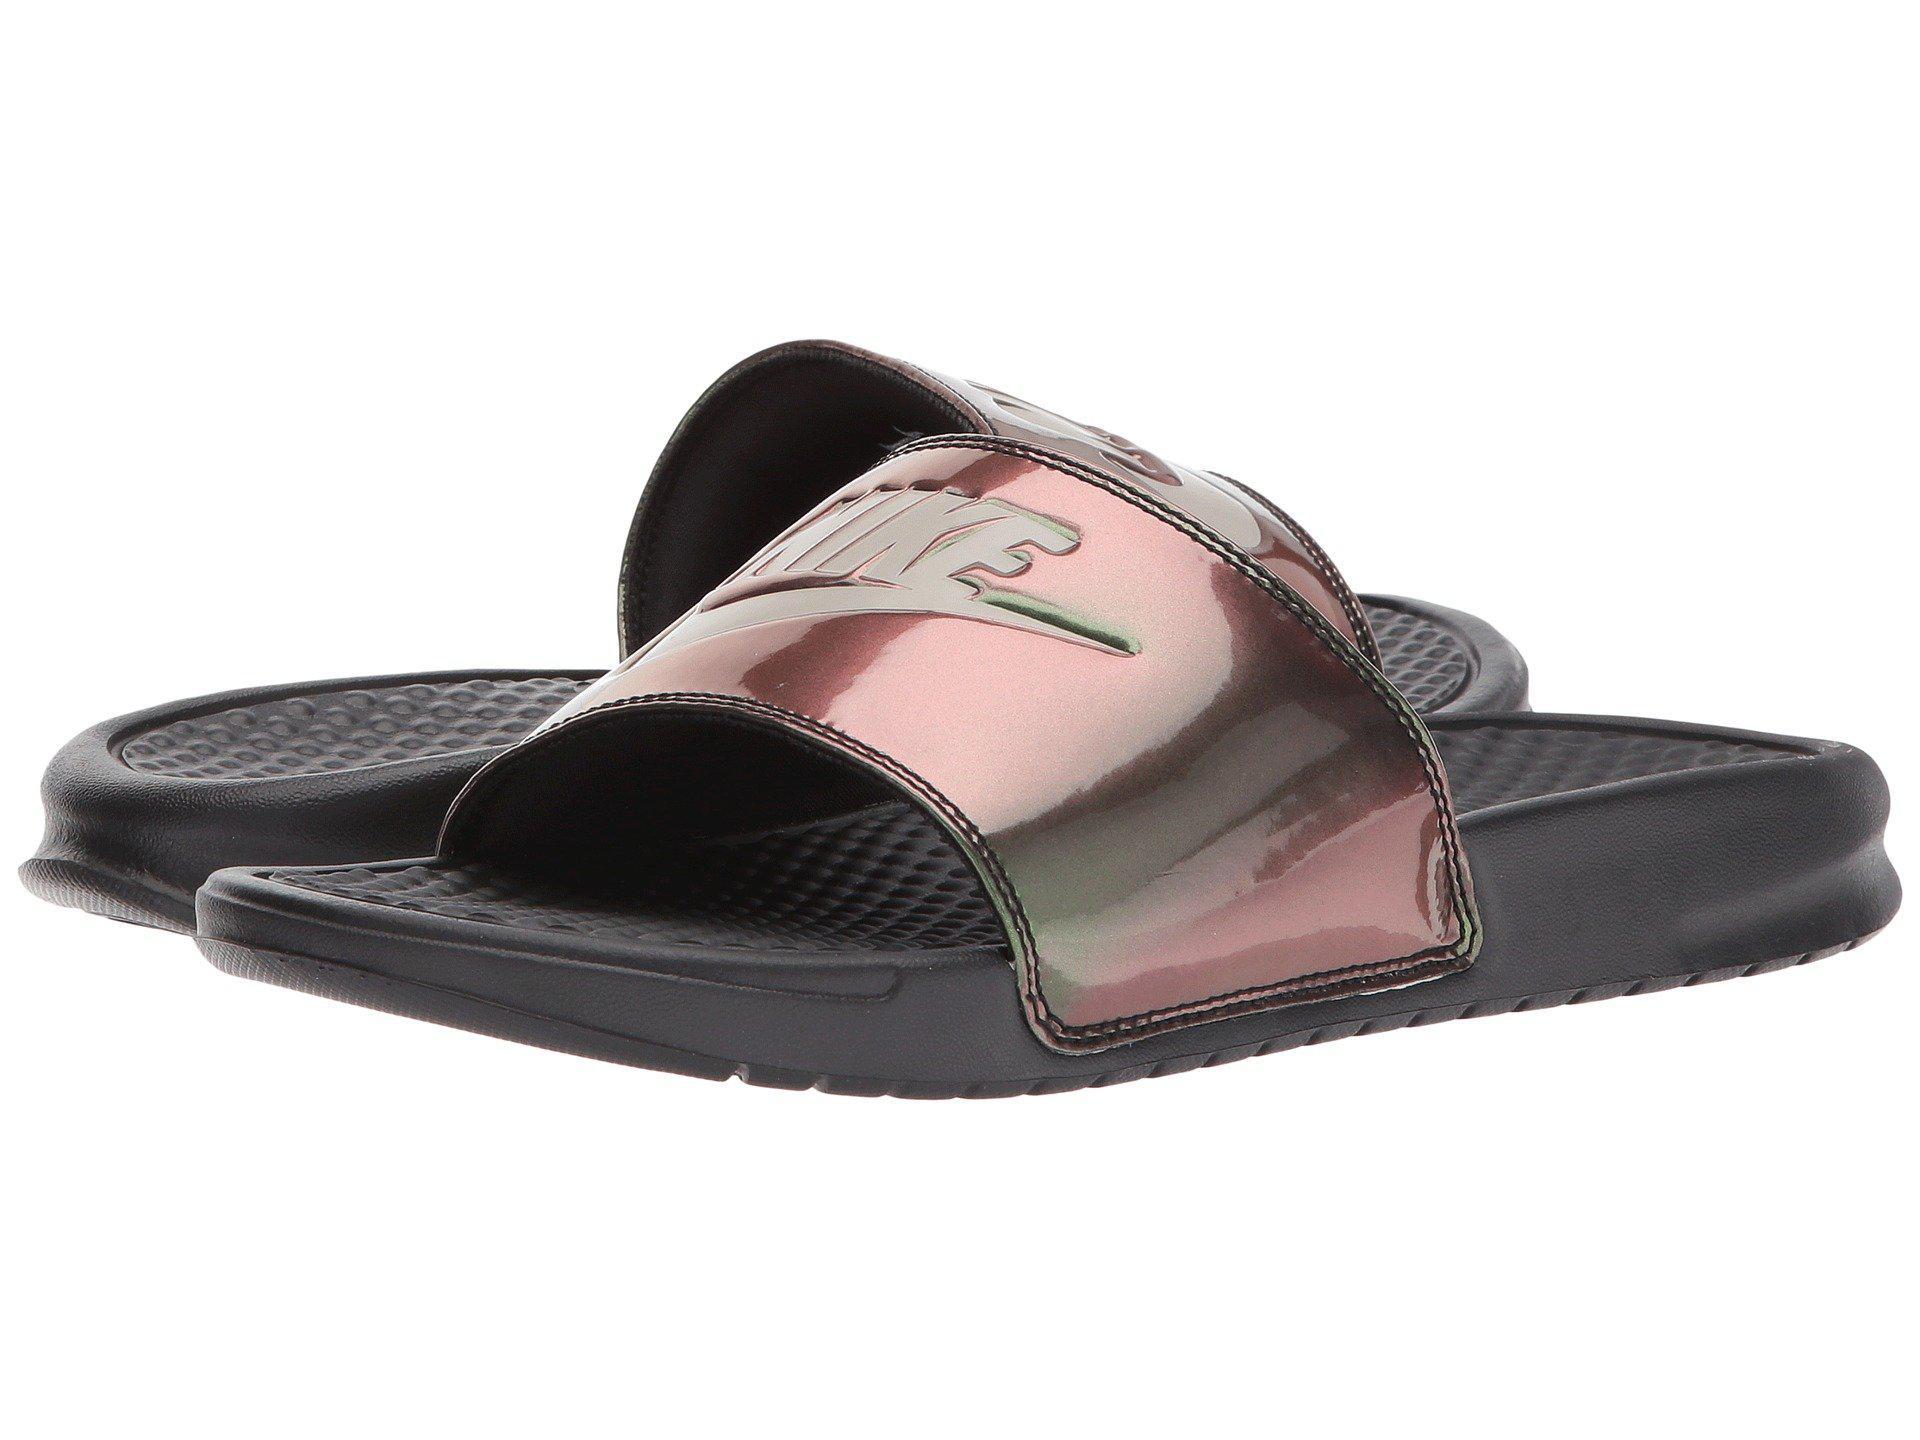 1b650fee8a561c Lyst - Nike Benassi Jdi Slide in Black